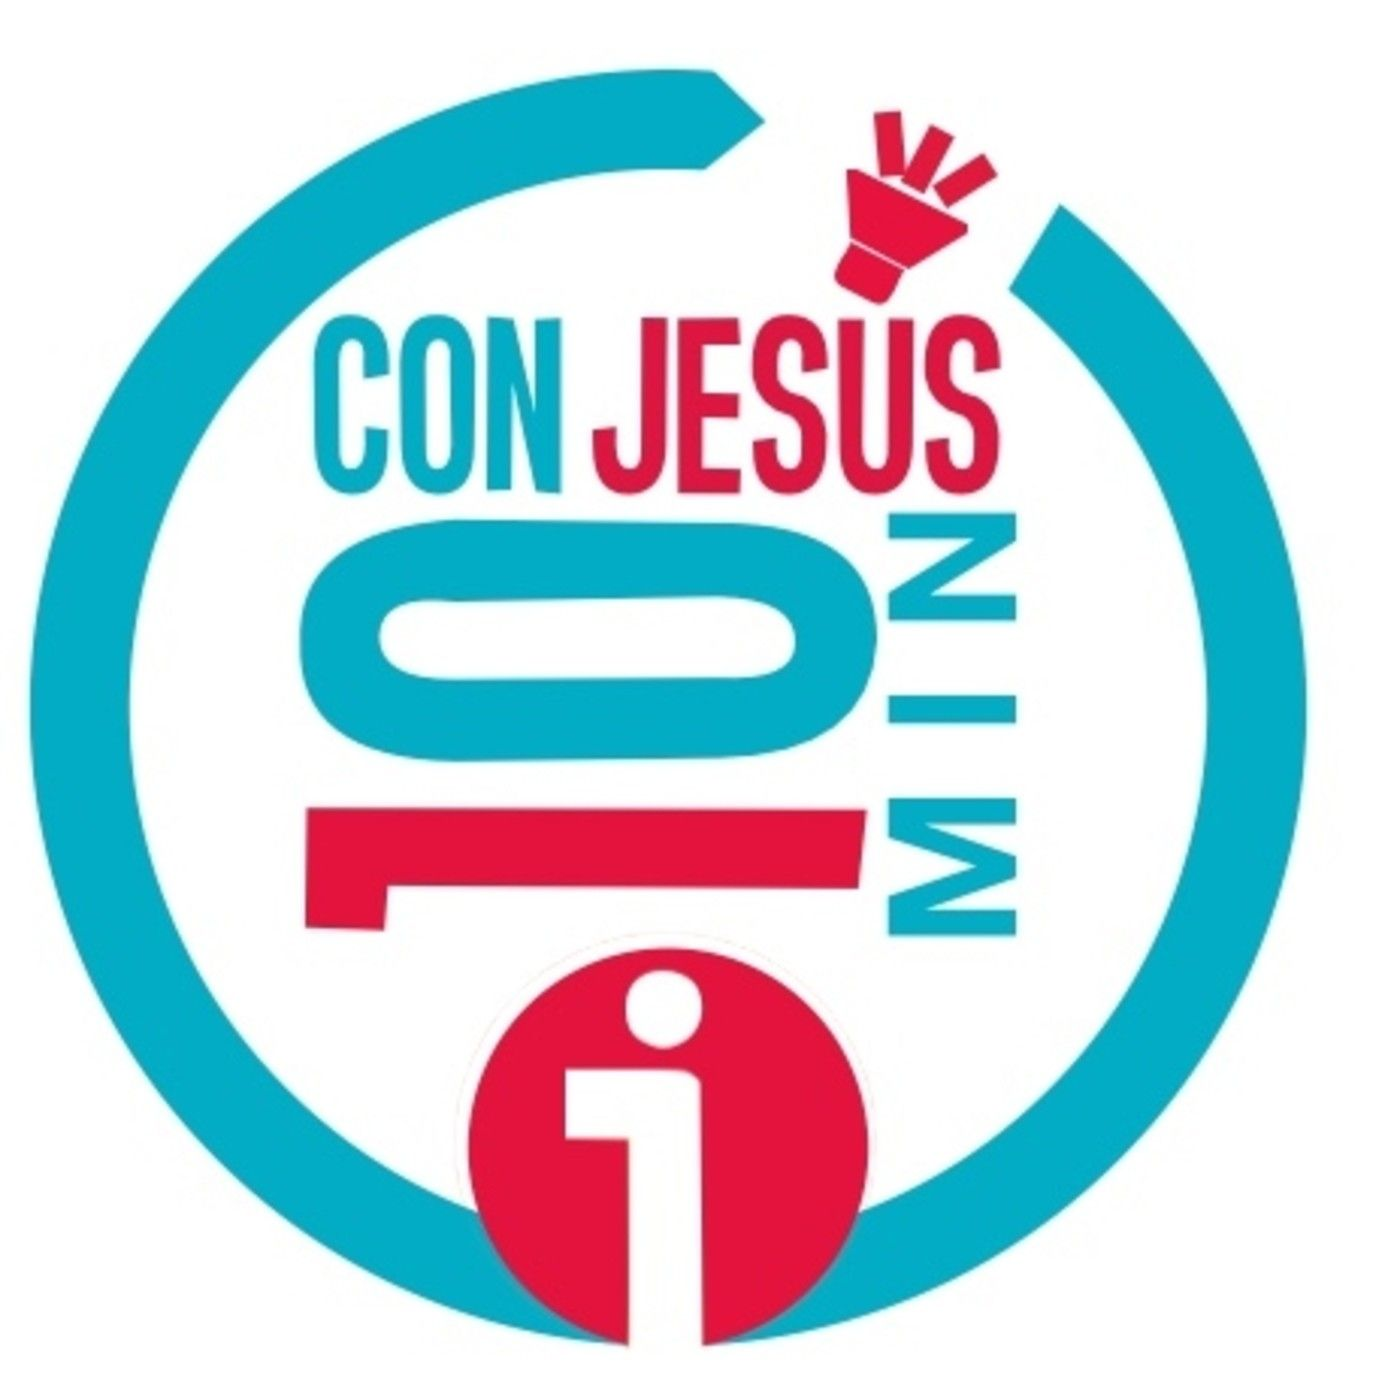 03-07-2020 Amigos - 10 Minutos con Jesús